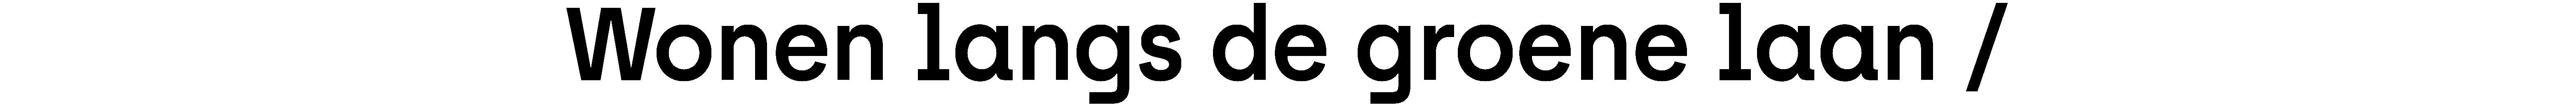 0b29d430-1d1a-11eb-8492-b7c82a9f9620.png